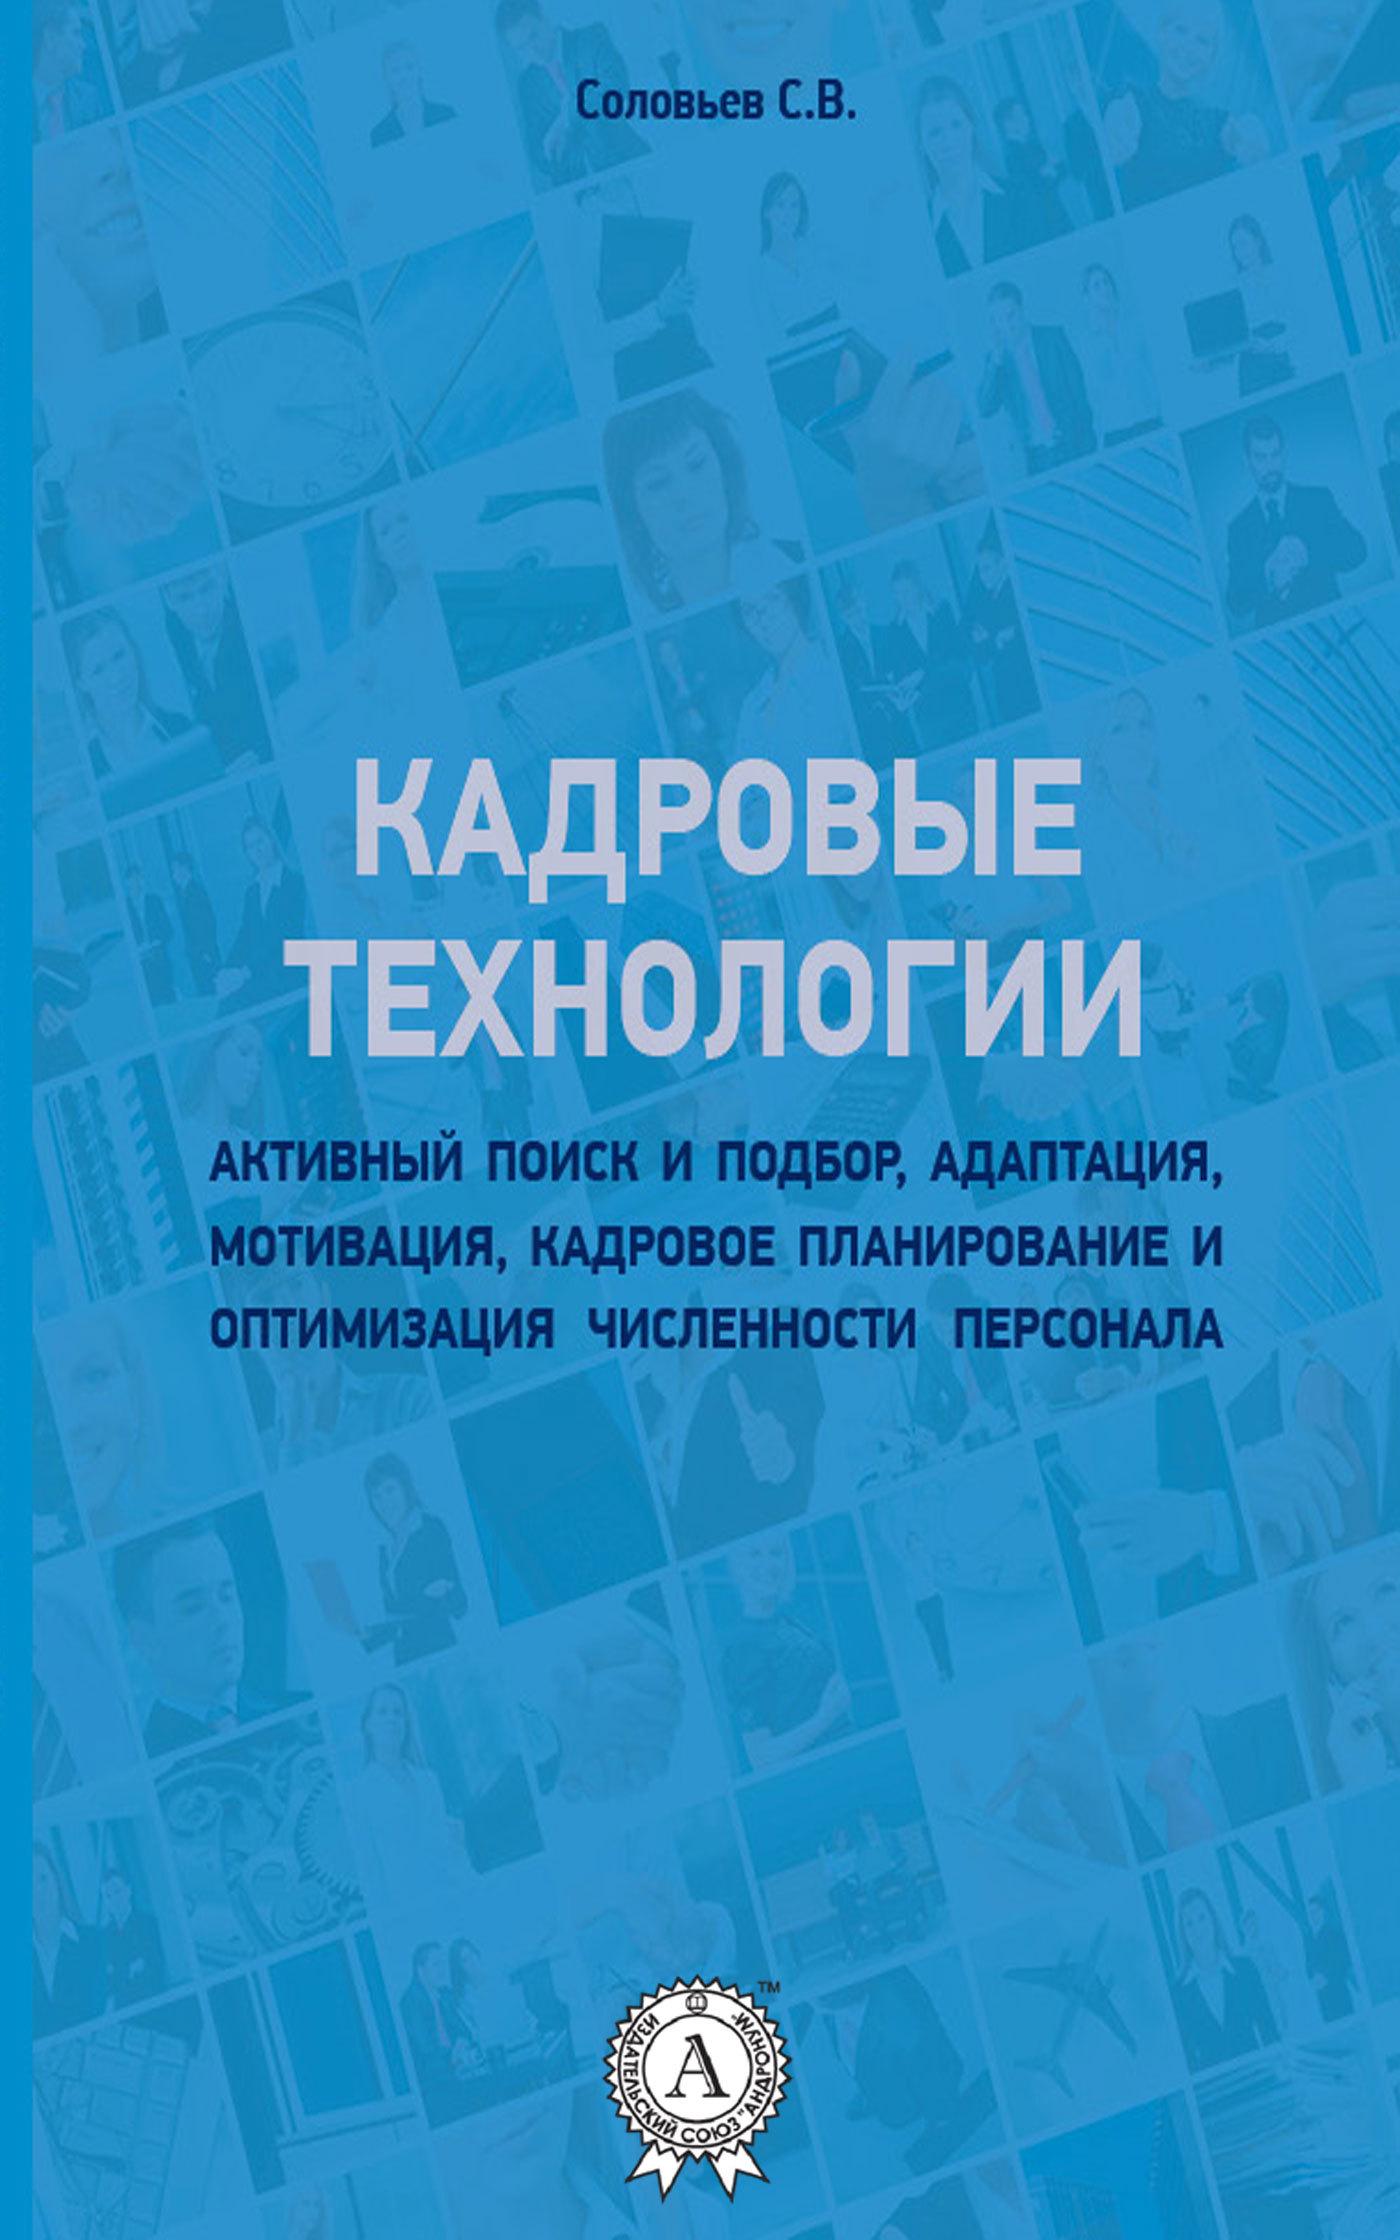 Обложка книги. Автор - Станислав Соловьев